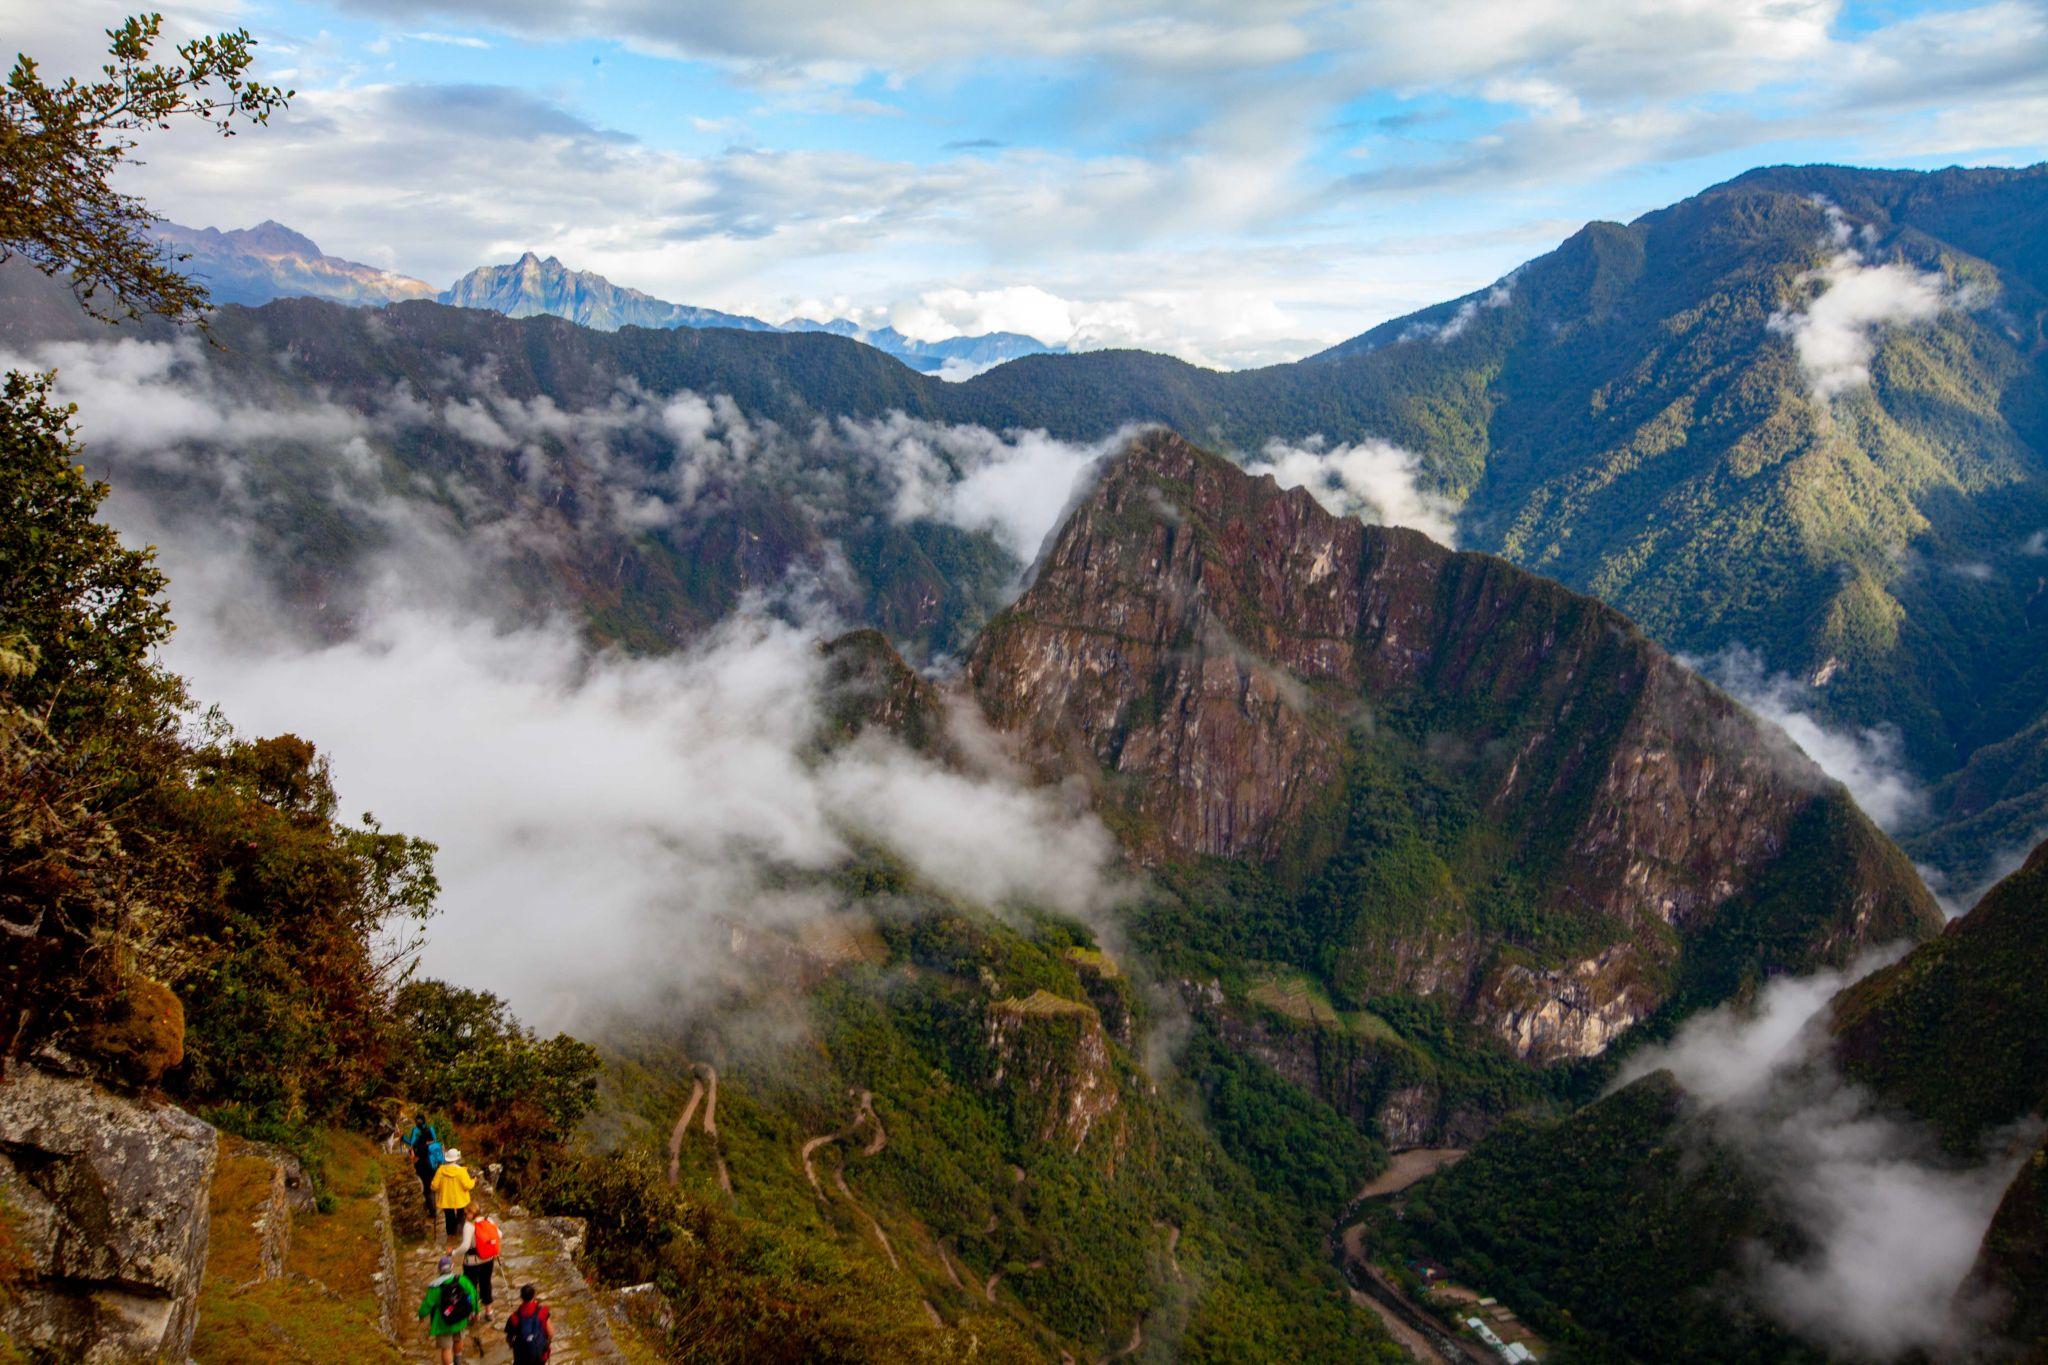 The final early morning walk to Machu Picchu, Peru